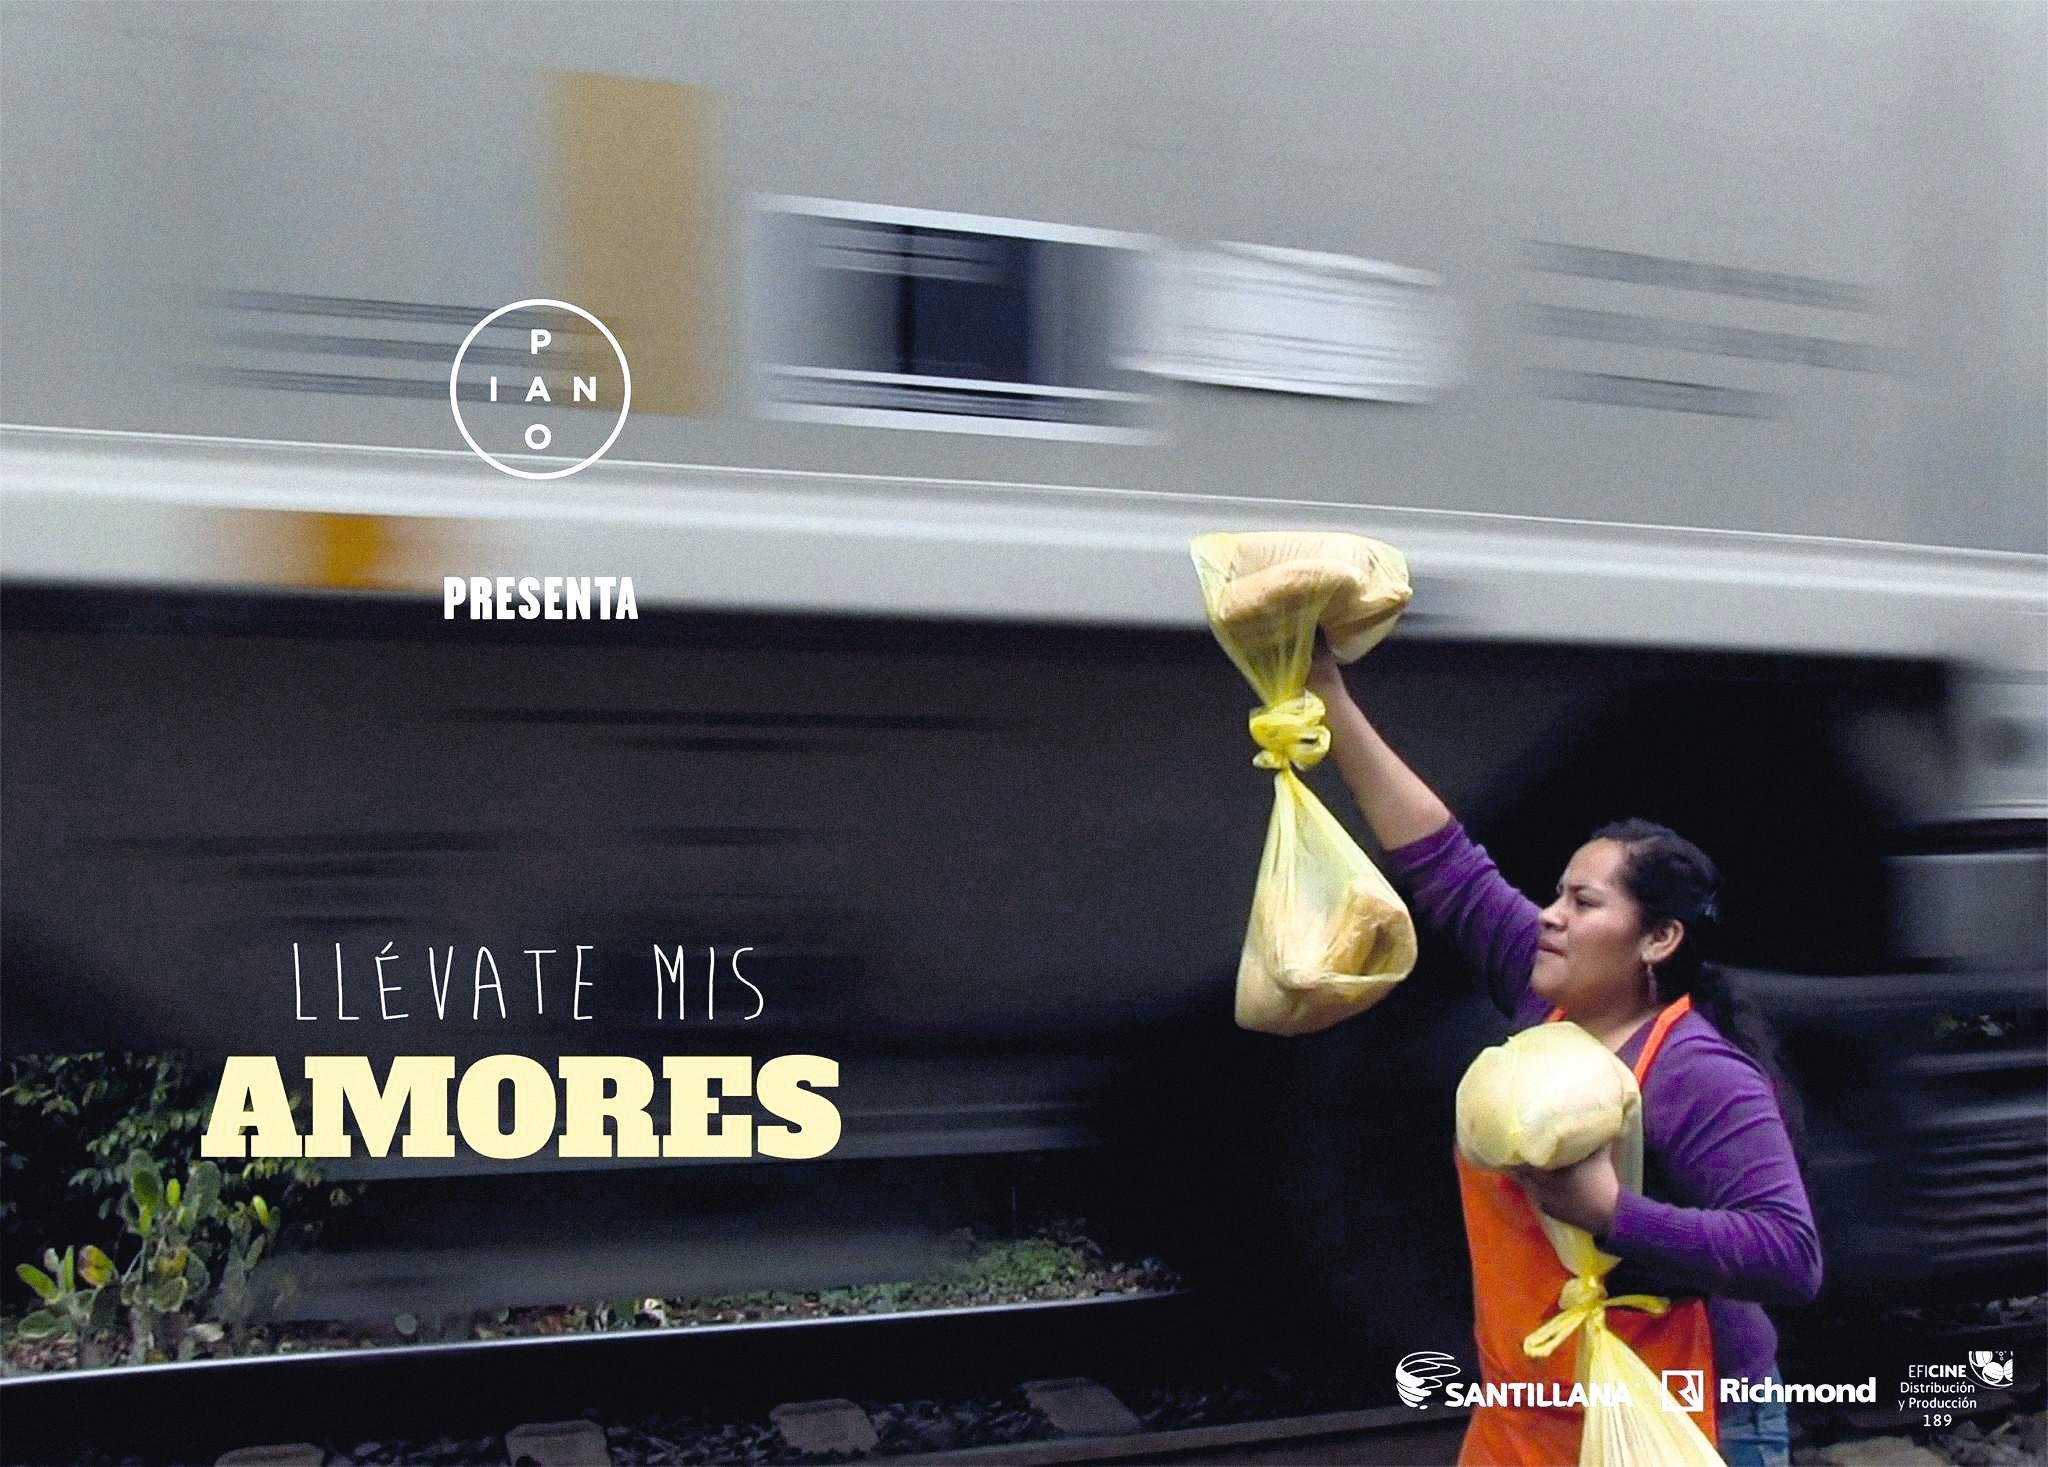 Logo América Latina, ¿tierra de acogida para los migrantes?